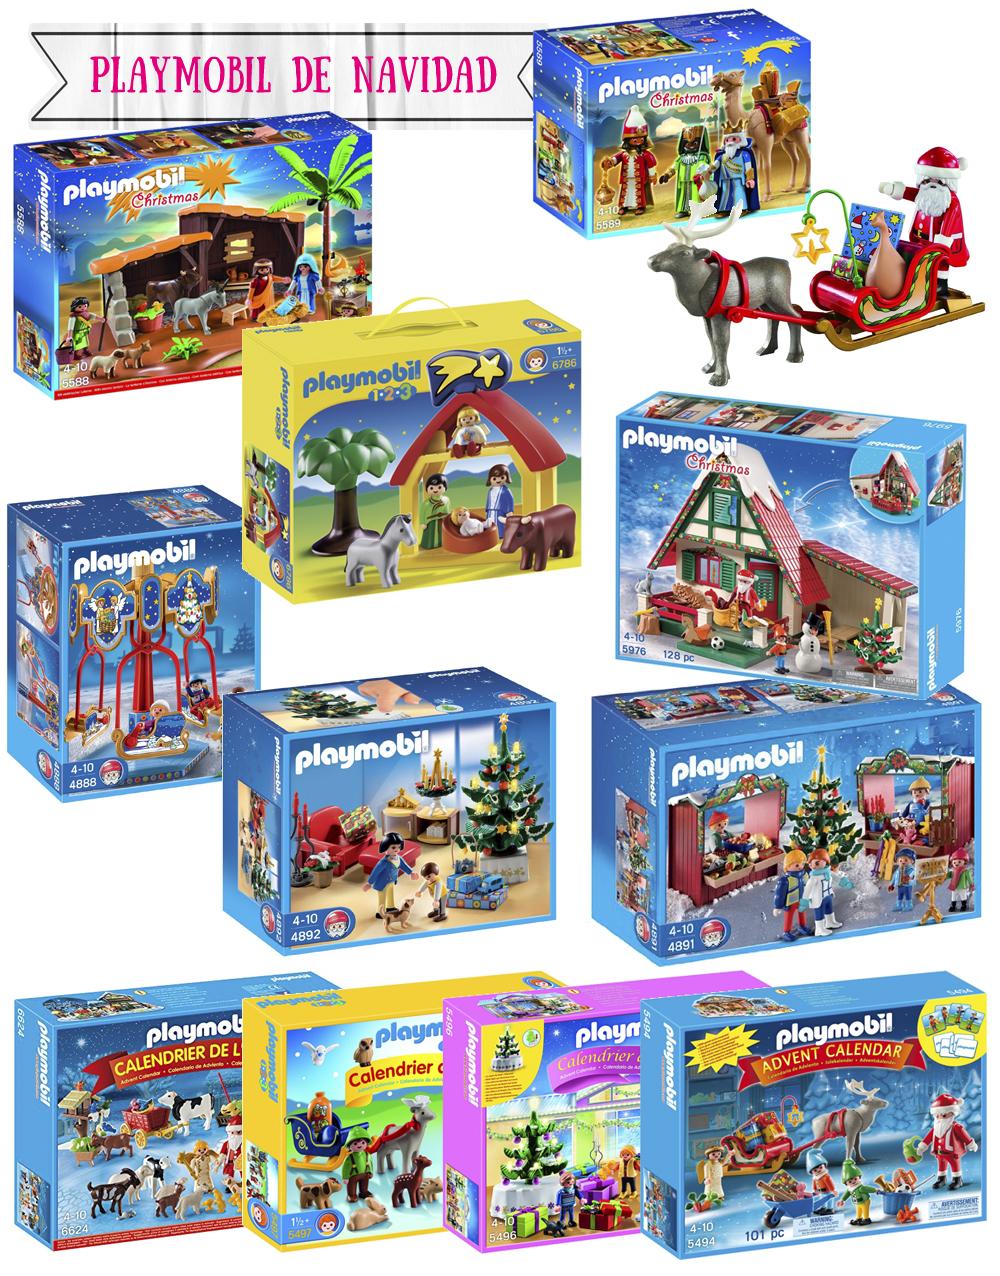 Belenes de juguete para los niños Playmobil Christmas